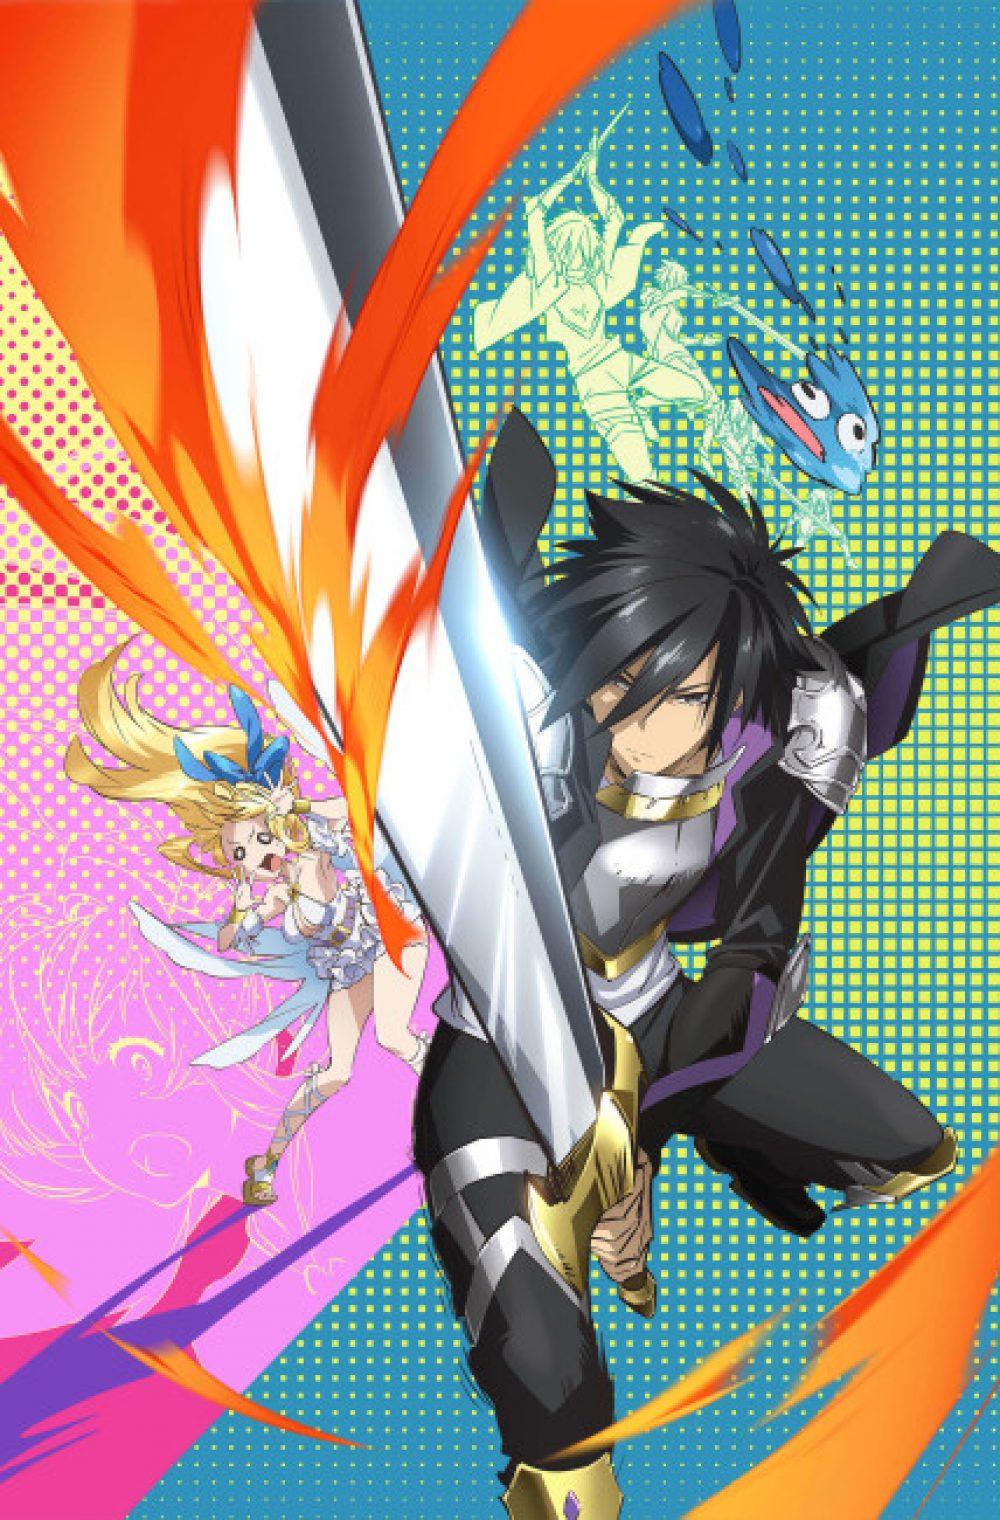 Shinchou Yuusha: Kono Yuusha ga Ore TUEEE Kuse ni Shinchou Sugiru ( The Hero is Overpowered But Overly Cautious ) ( Shinchou Yuusha )